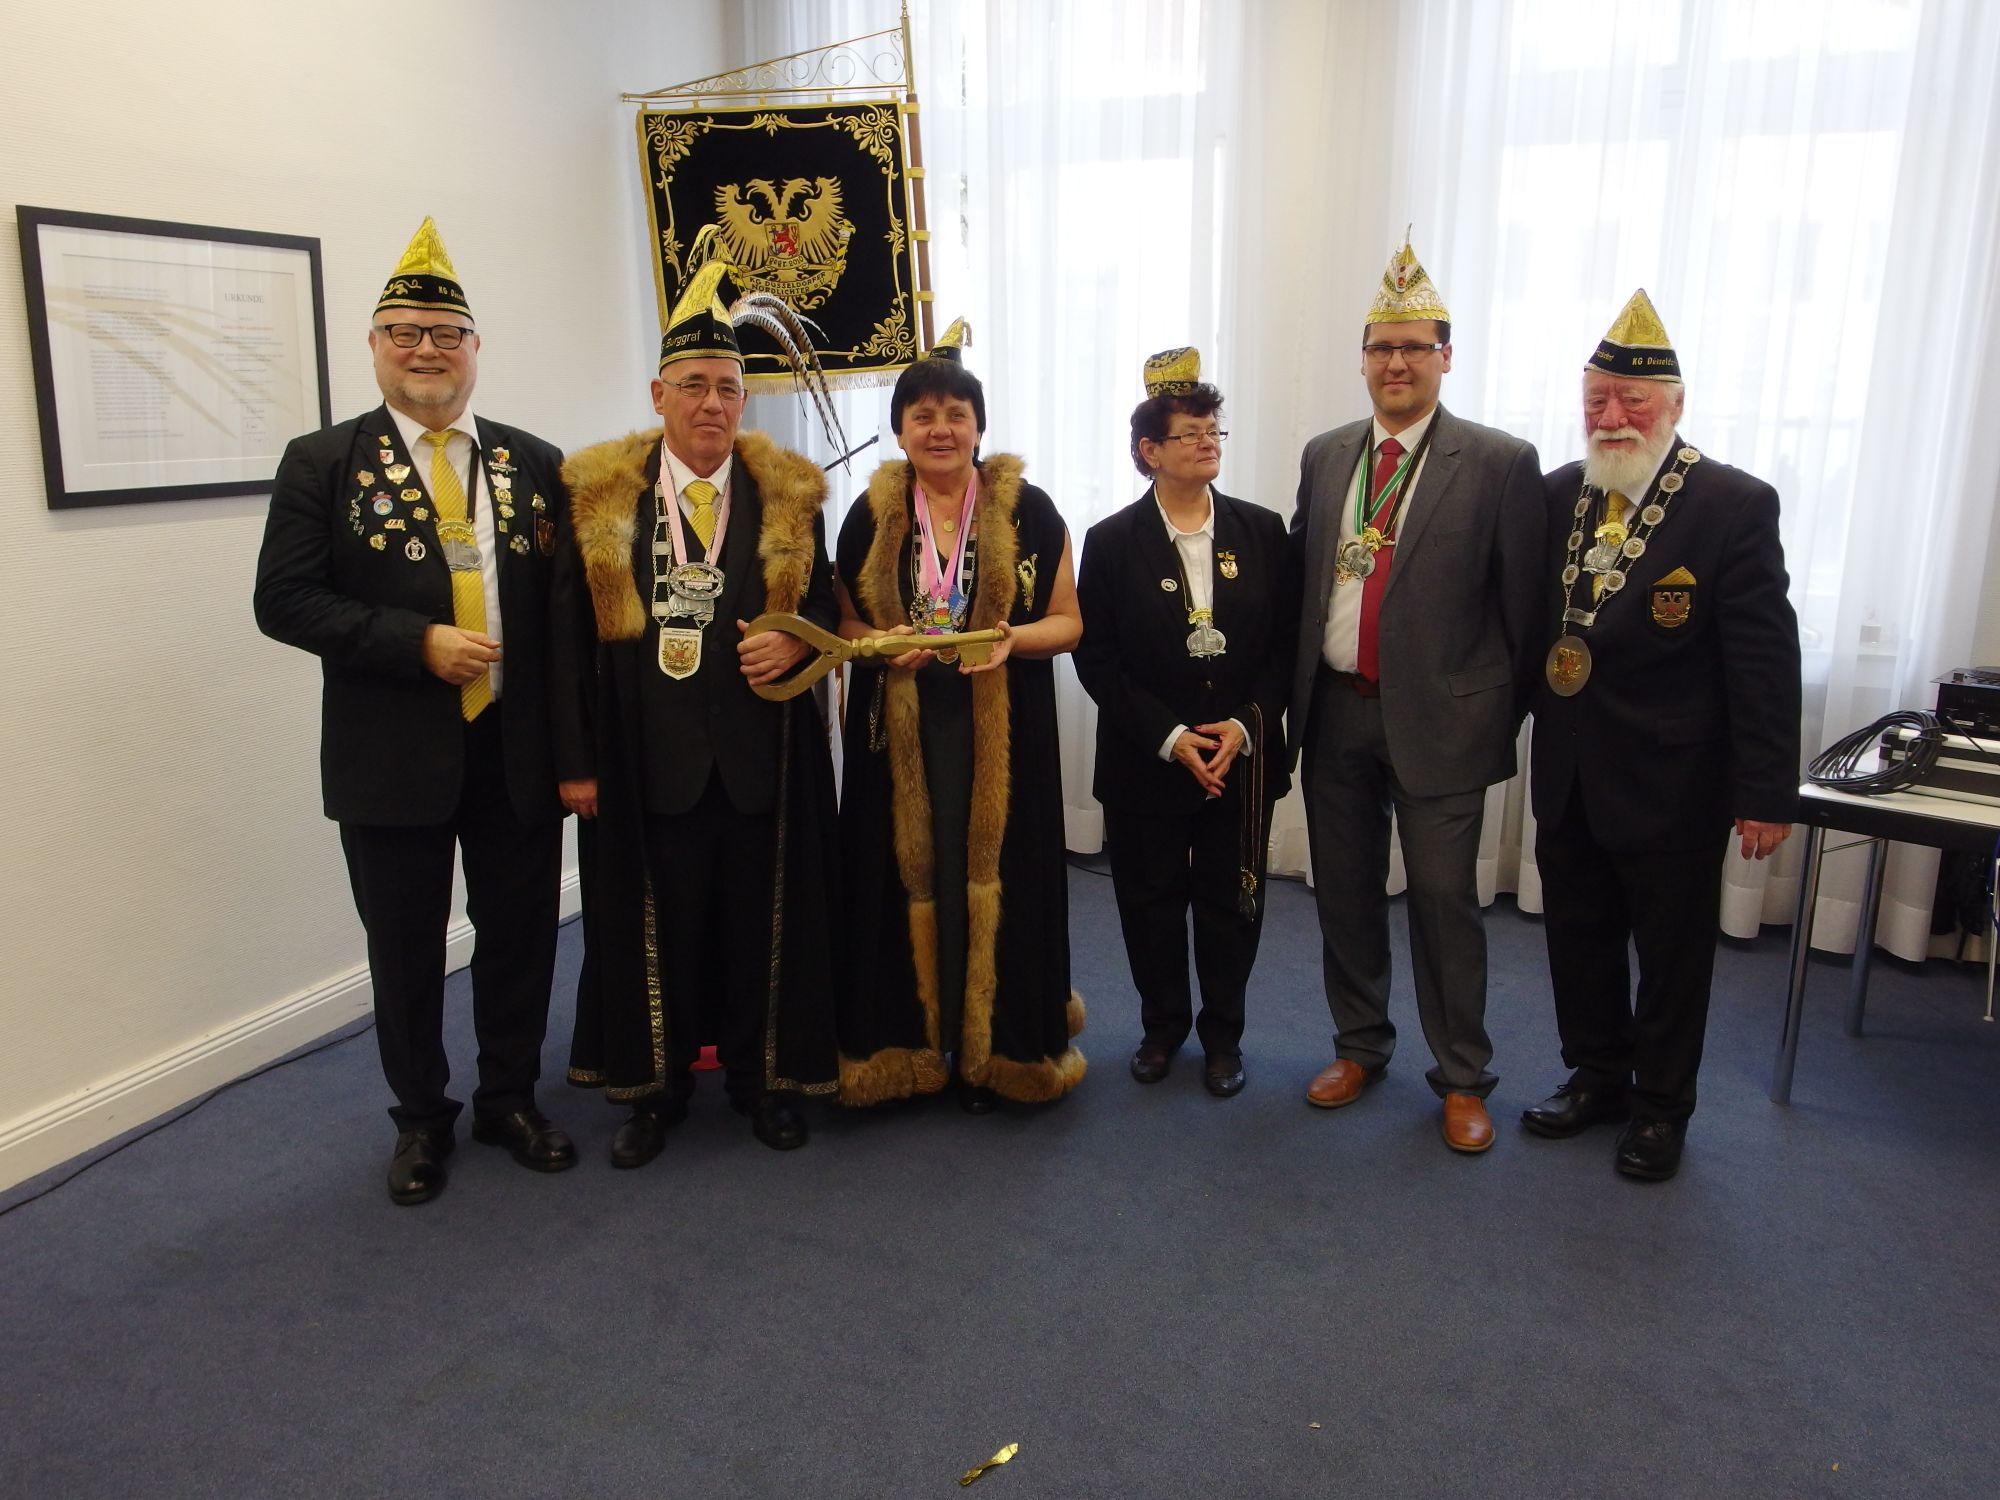 Stolz zeigt das Burggrafenpaar, dass es jetzt über den Rathausschlüssel verfügt. V.l.n.r. Adjutant Werner Ott, Burggrafenpaar Walter Ebner und Paula Brauner, Adjutantin Gertrud Gaul, Bezirksbürgermeister Golißa, Präsident Heinz Gaul.